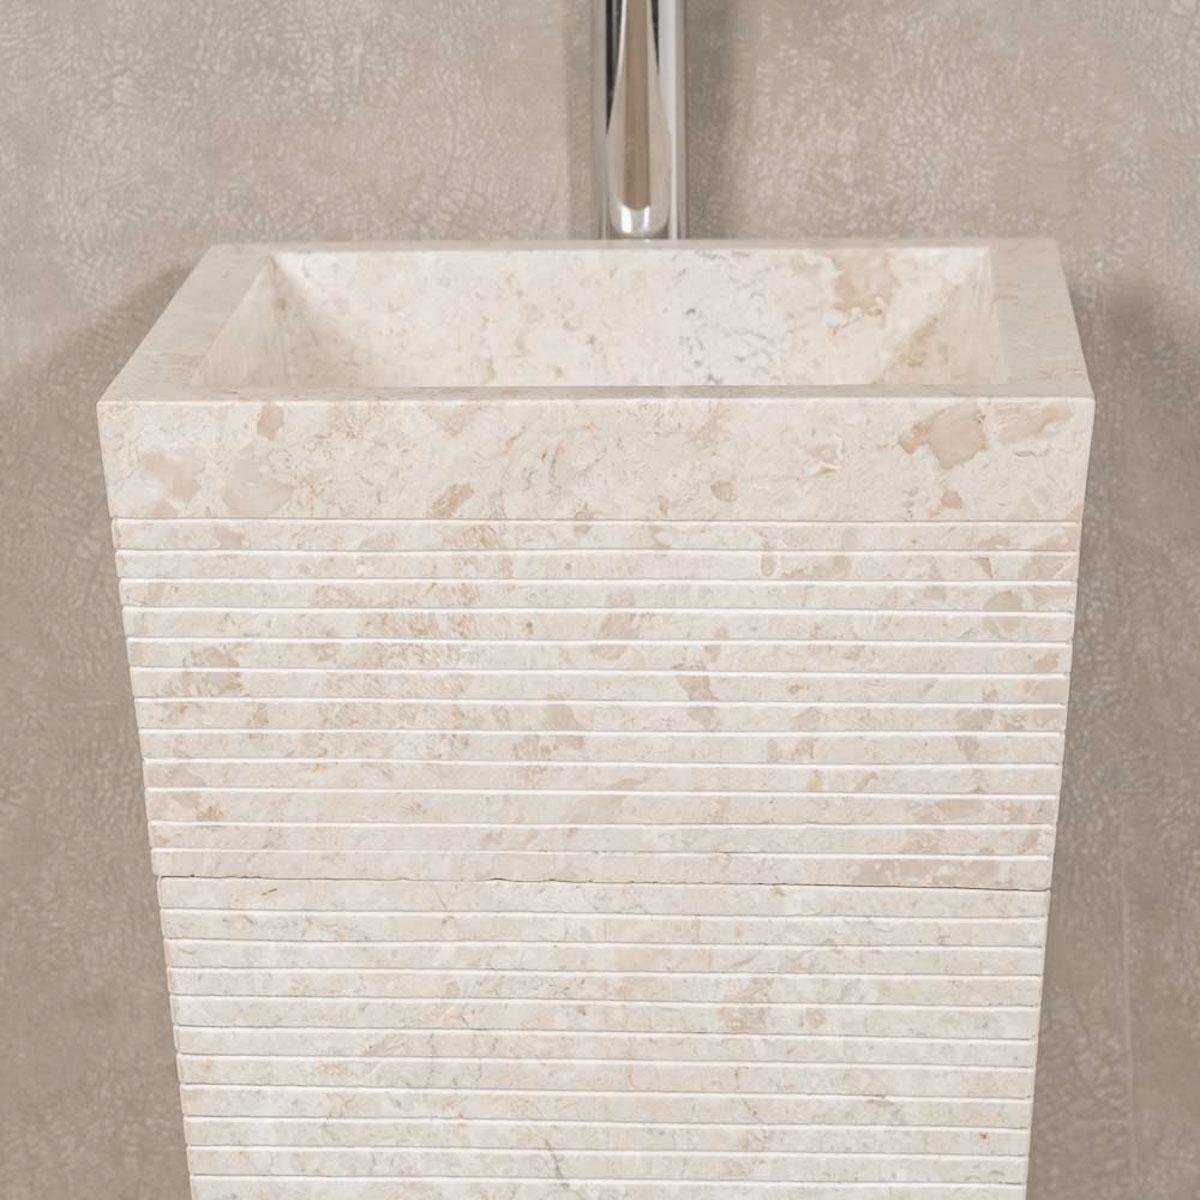 Vasque sur pied en marbre guizeh carr e cr me l 40 cm - Vasque salle de bain en pierre naturelle ...